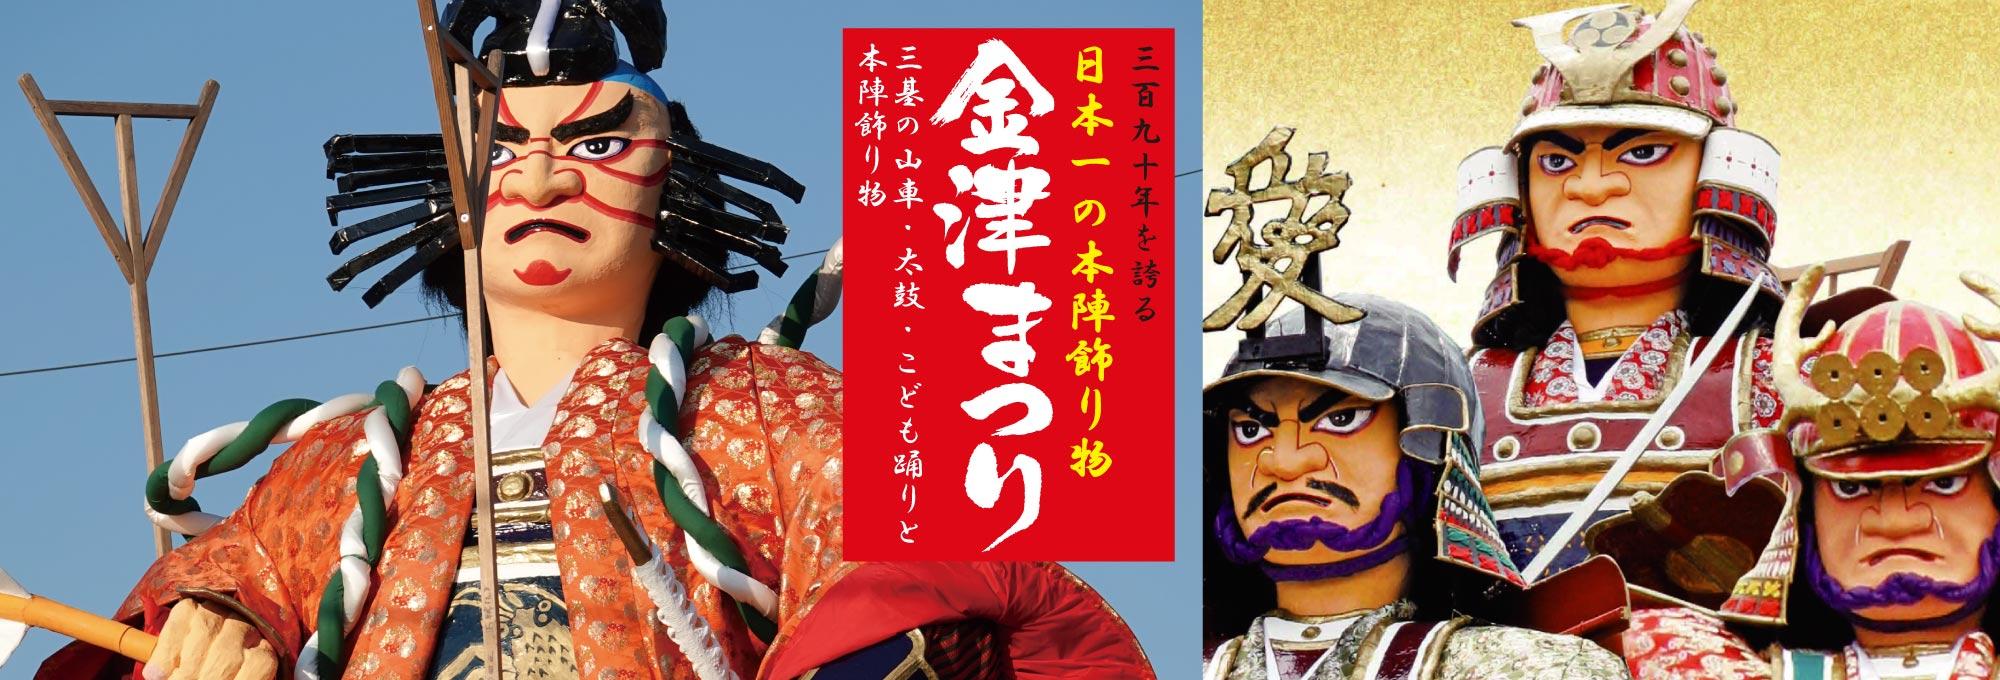 金津まつりの本陣飾り物は日本一です